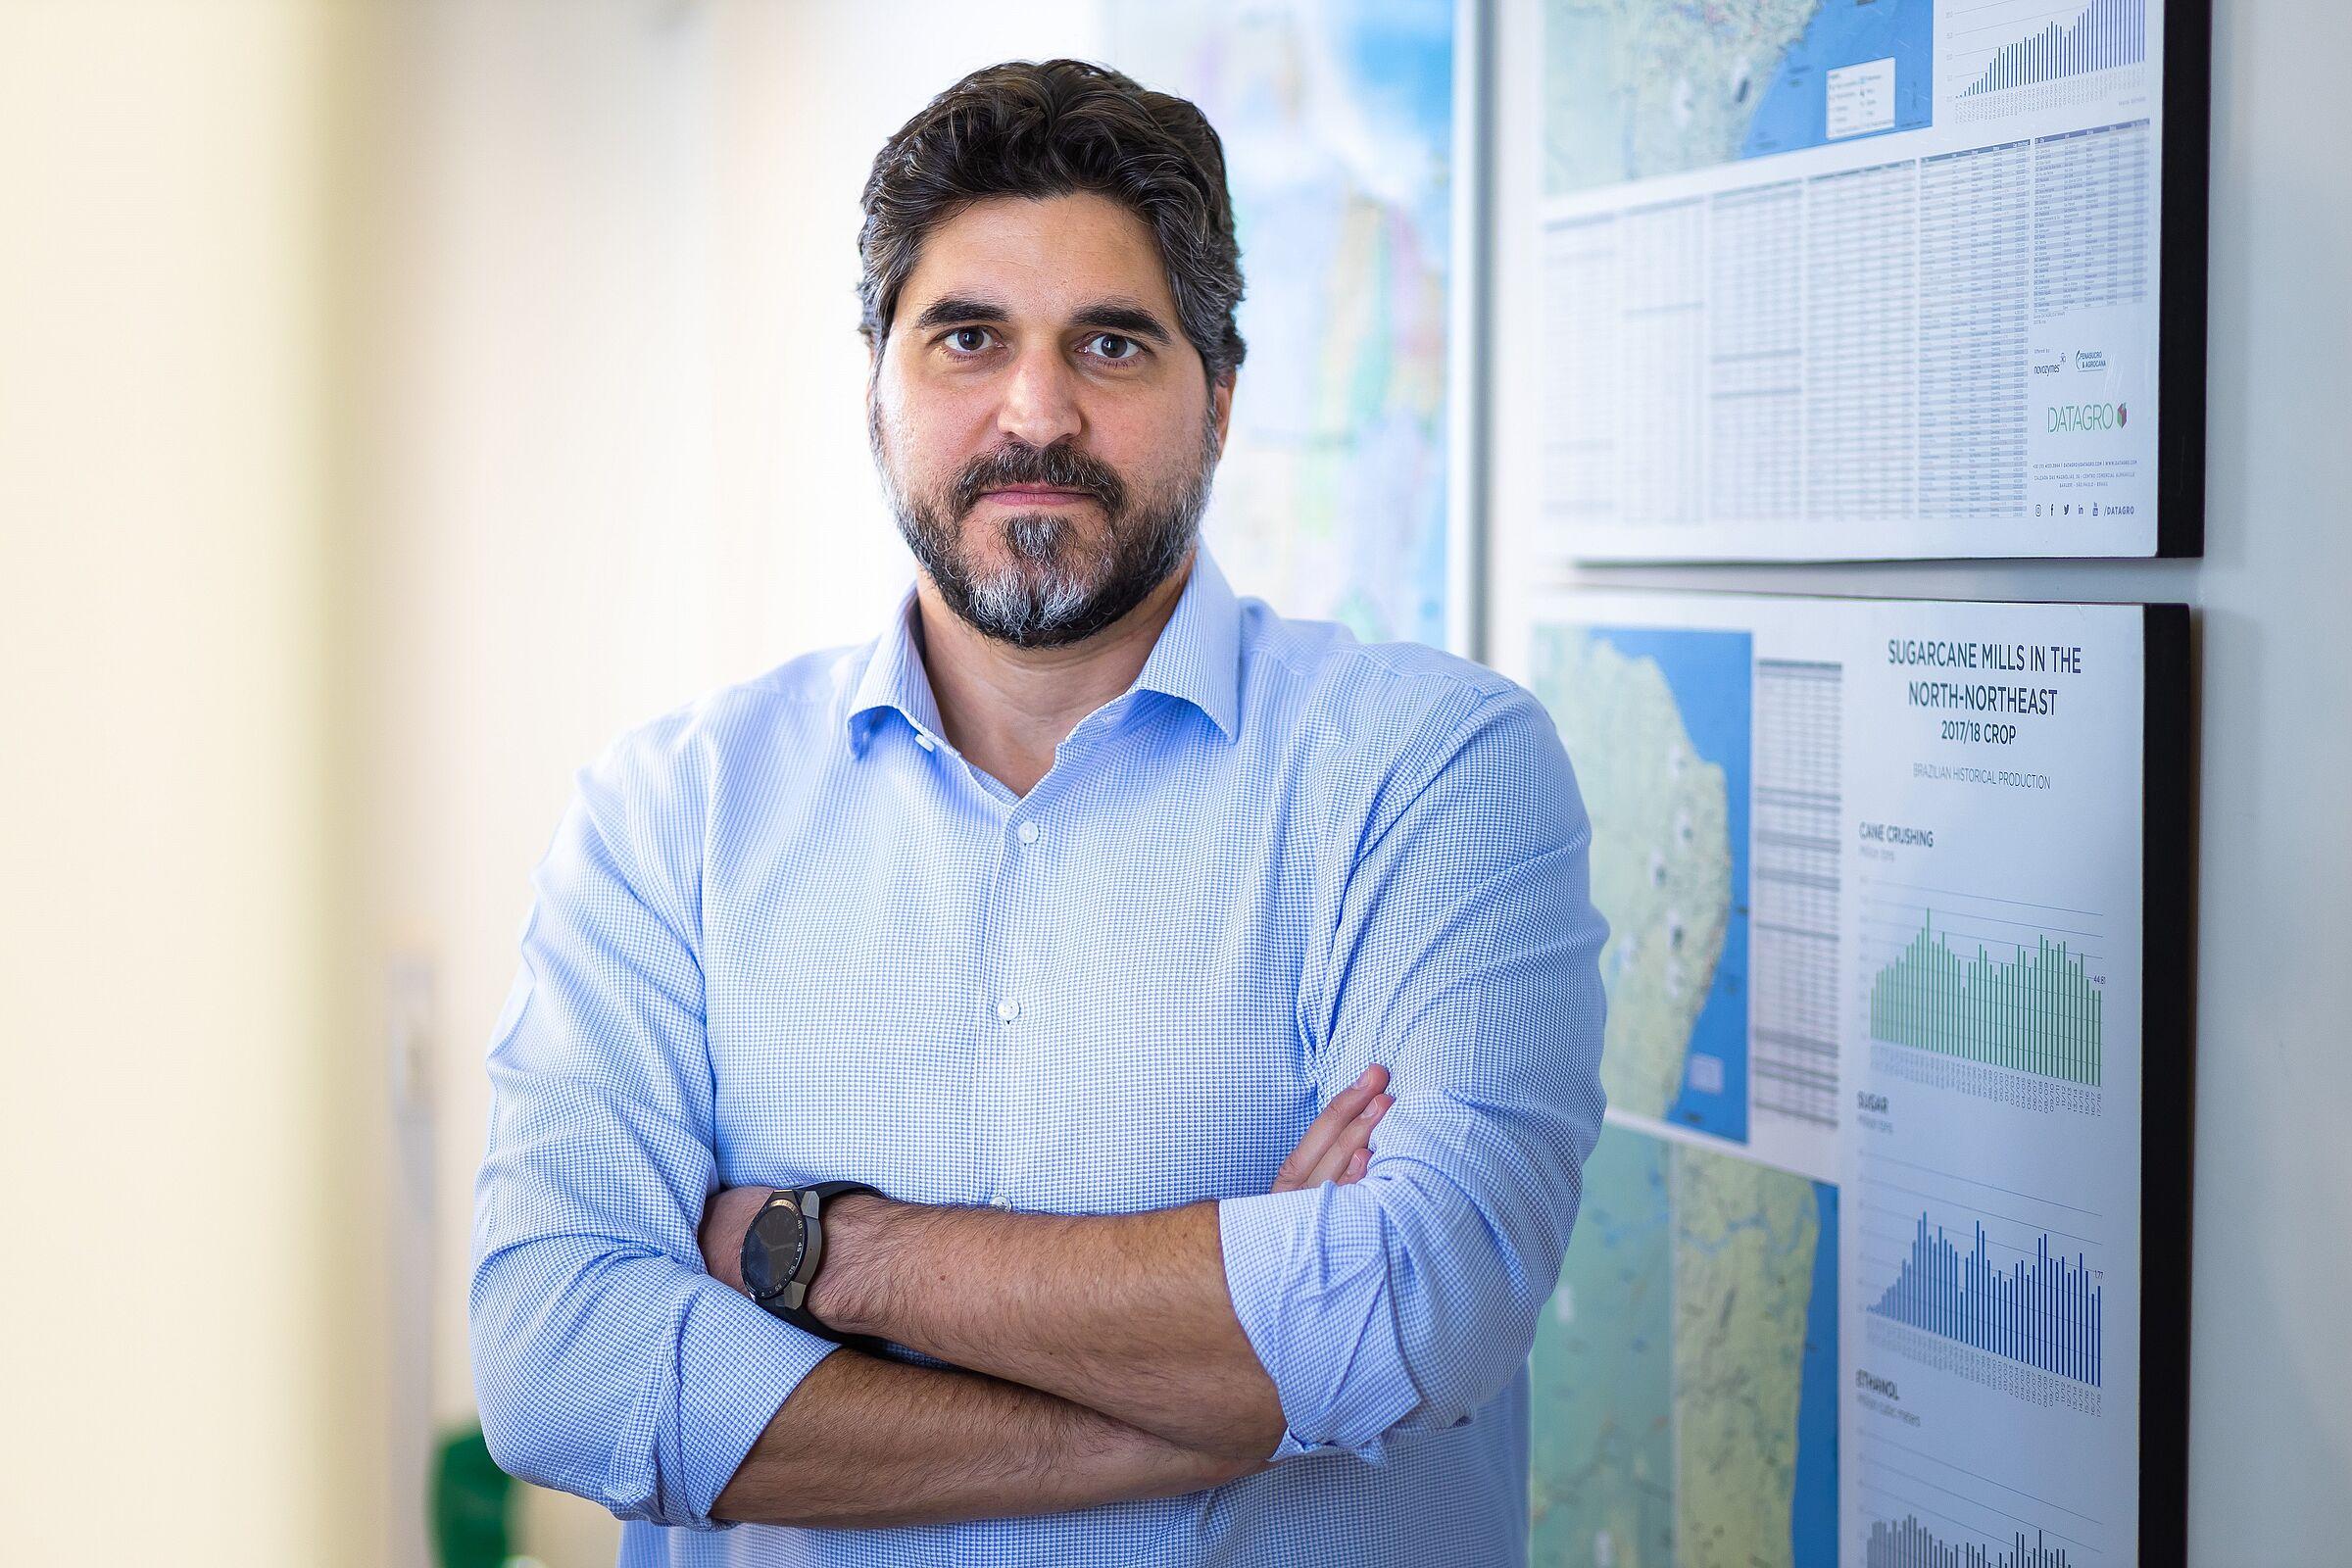 Gustavo Herrmann